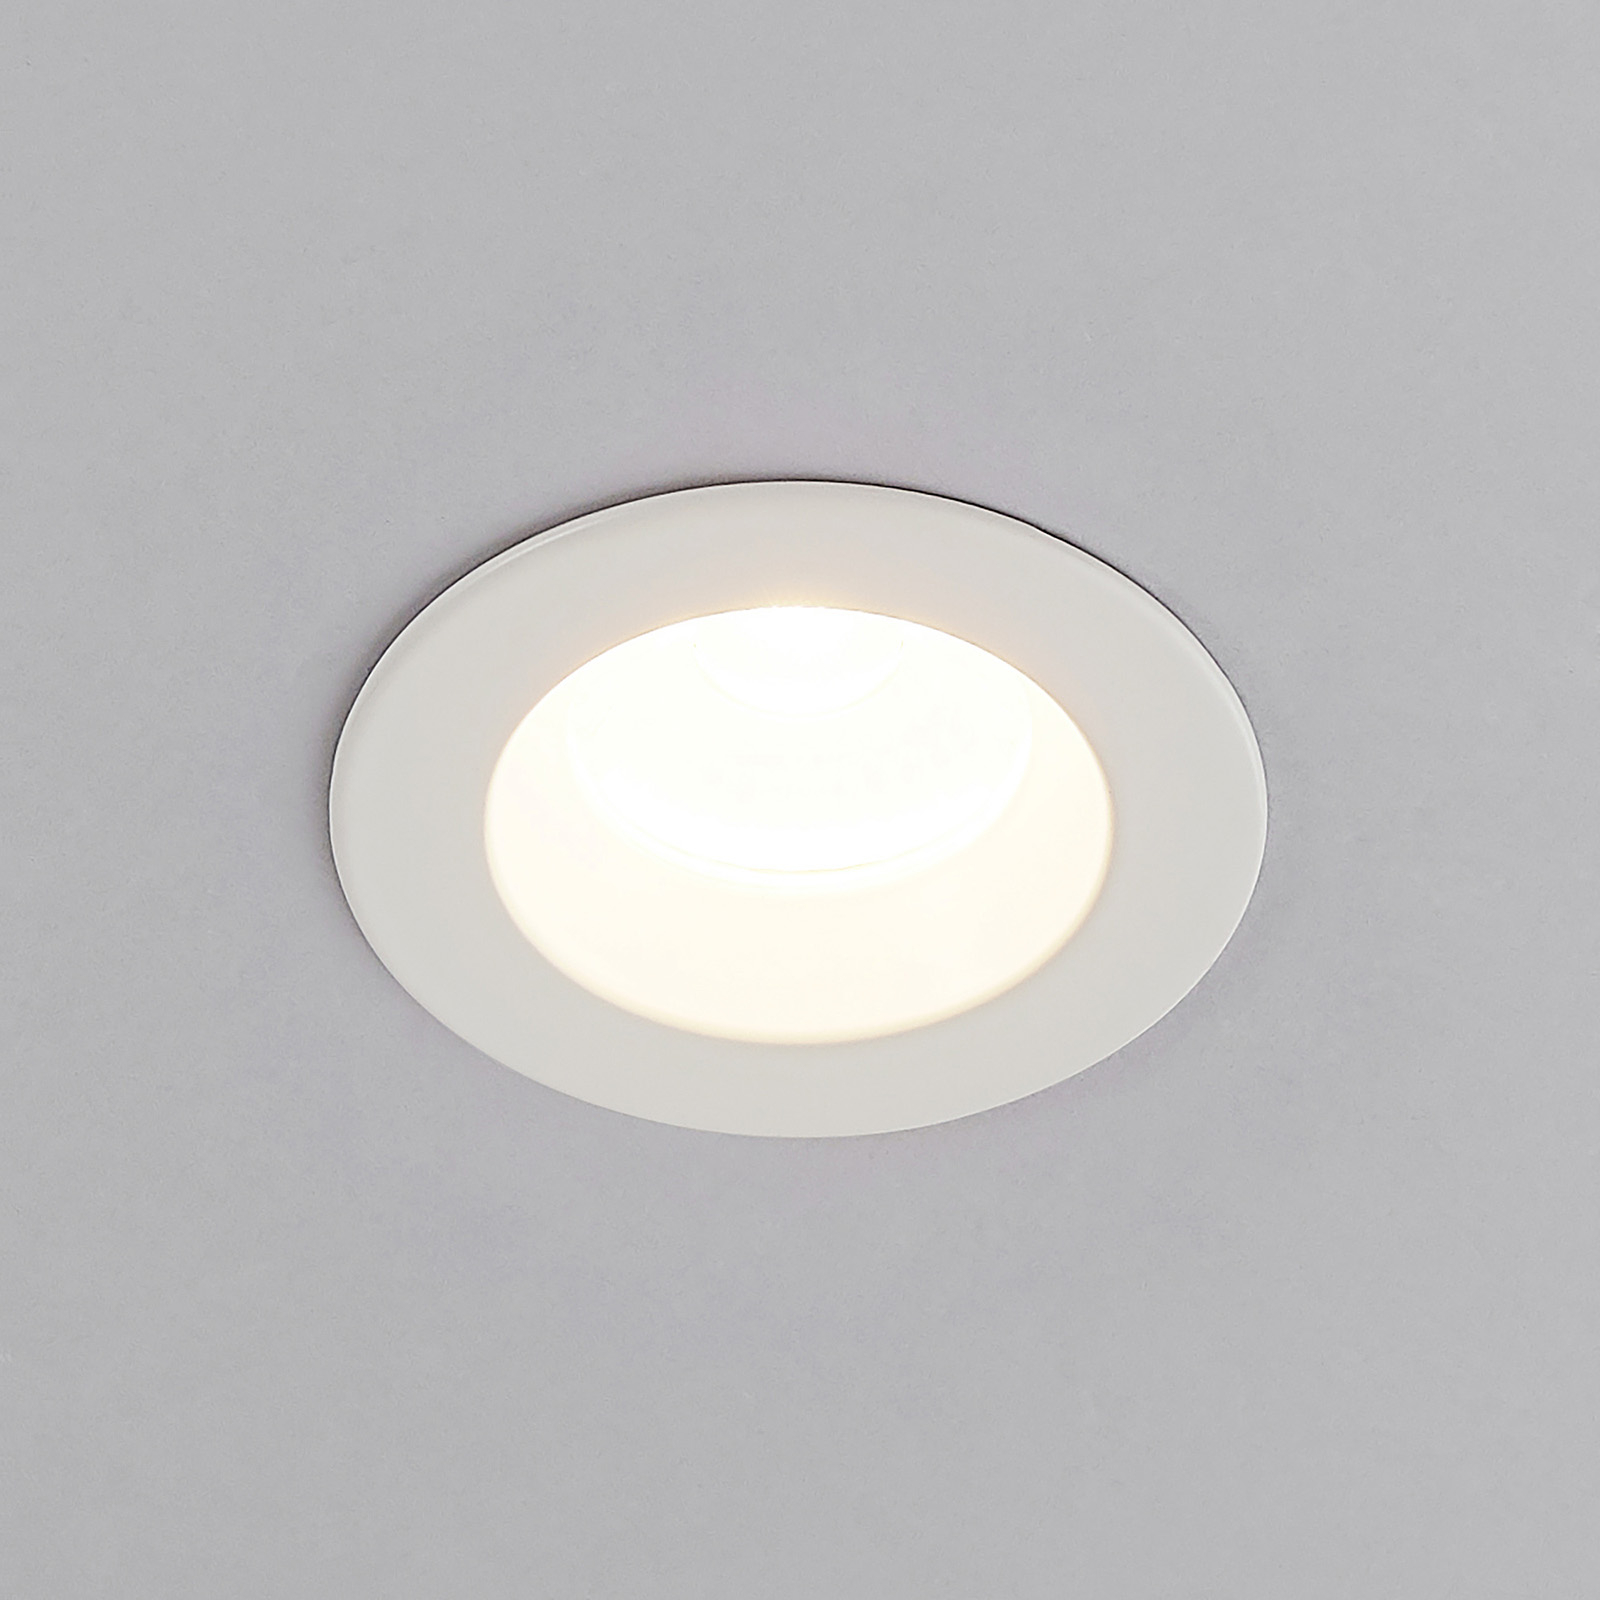 Arcchio Unai LED-Einbaustrahler 2.700K IP65, 4,4W